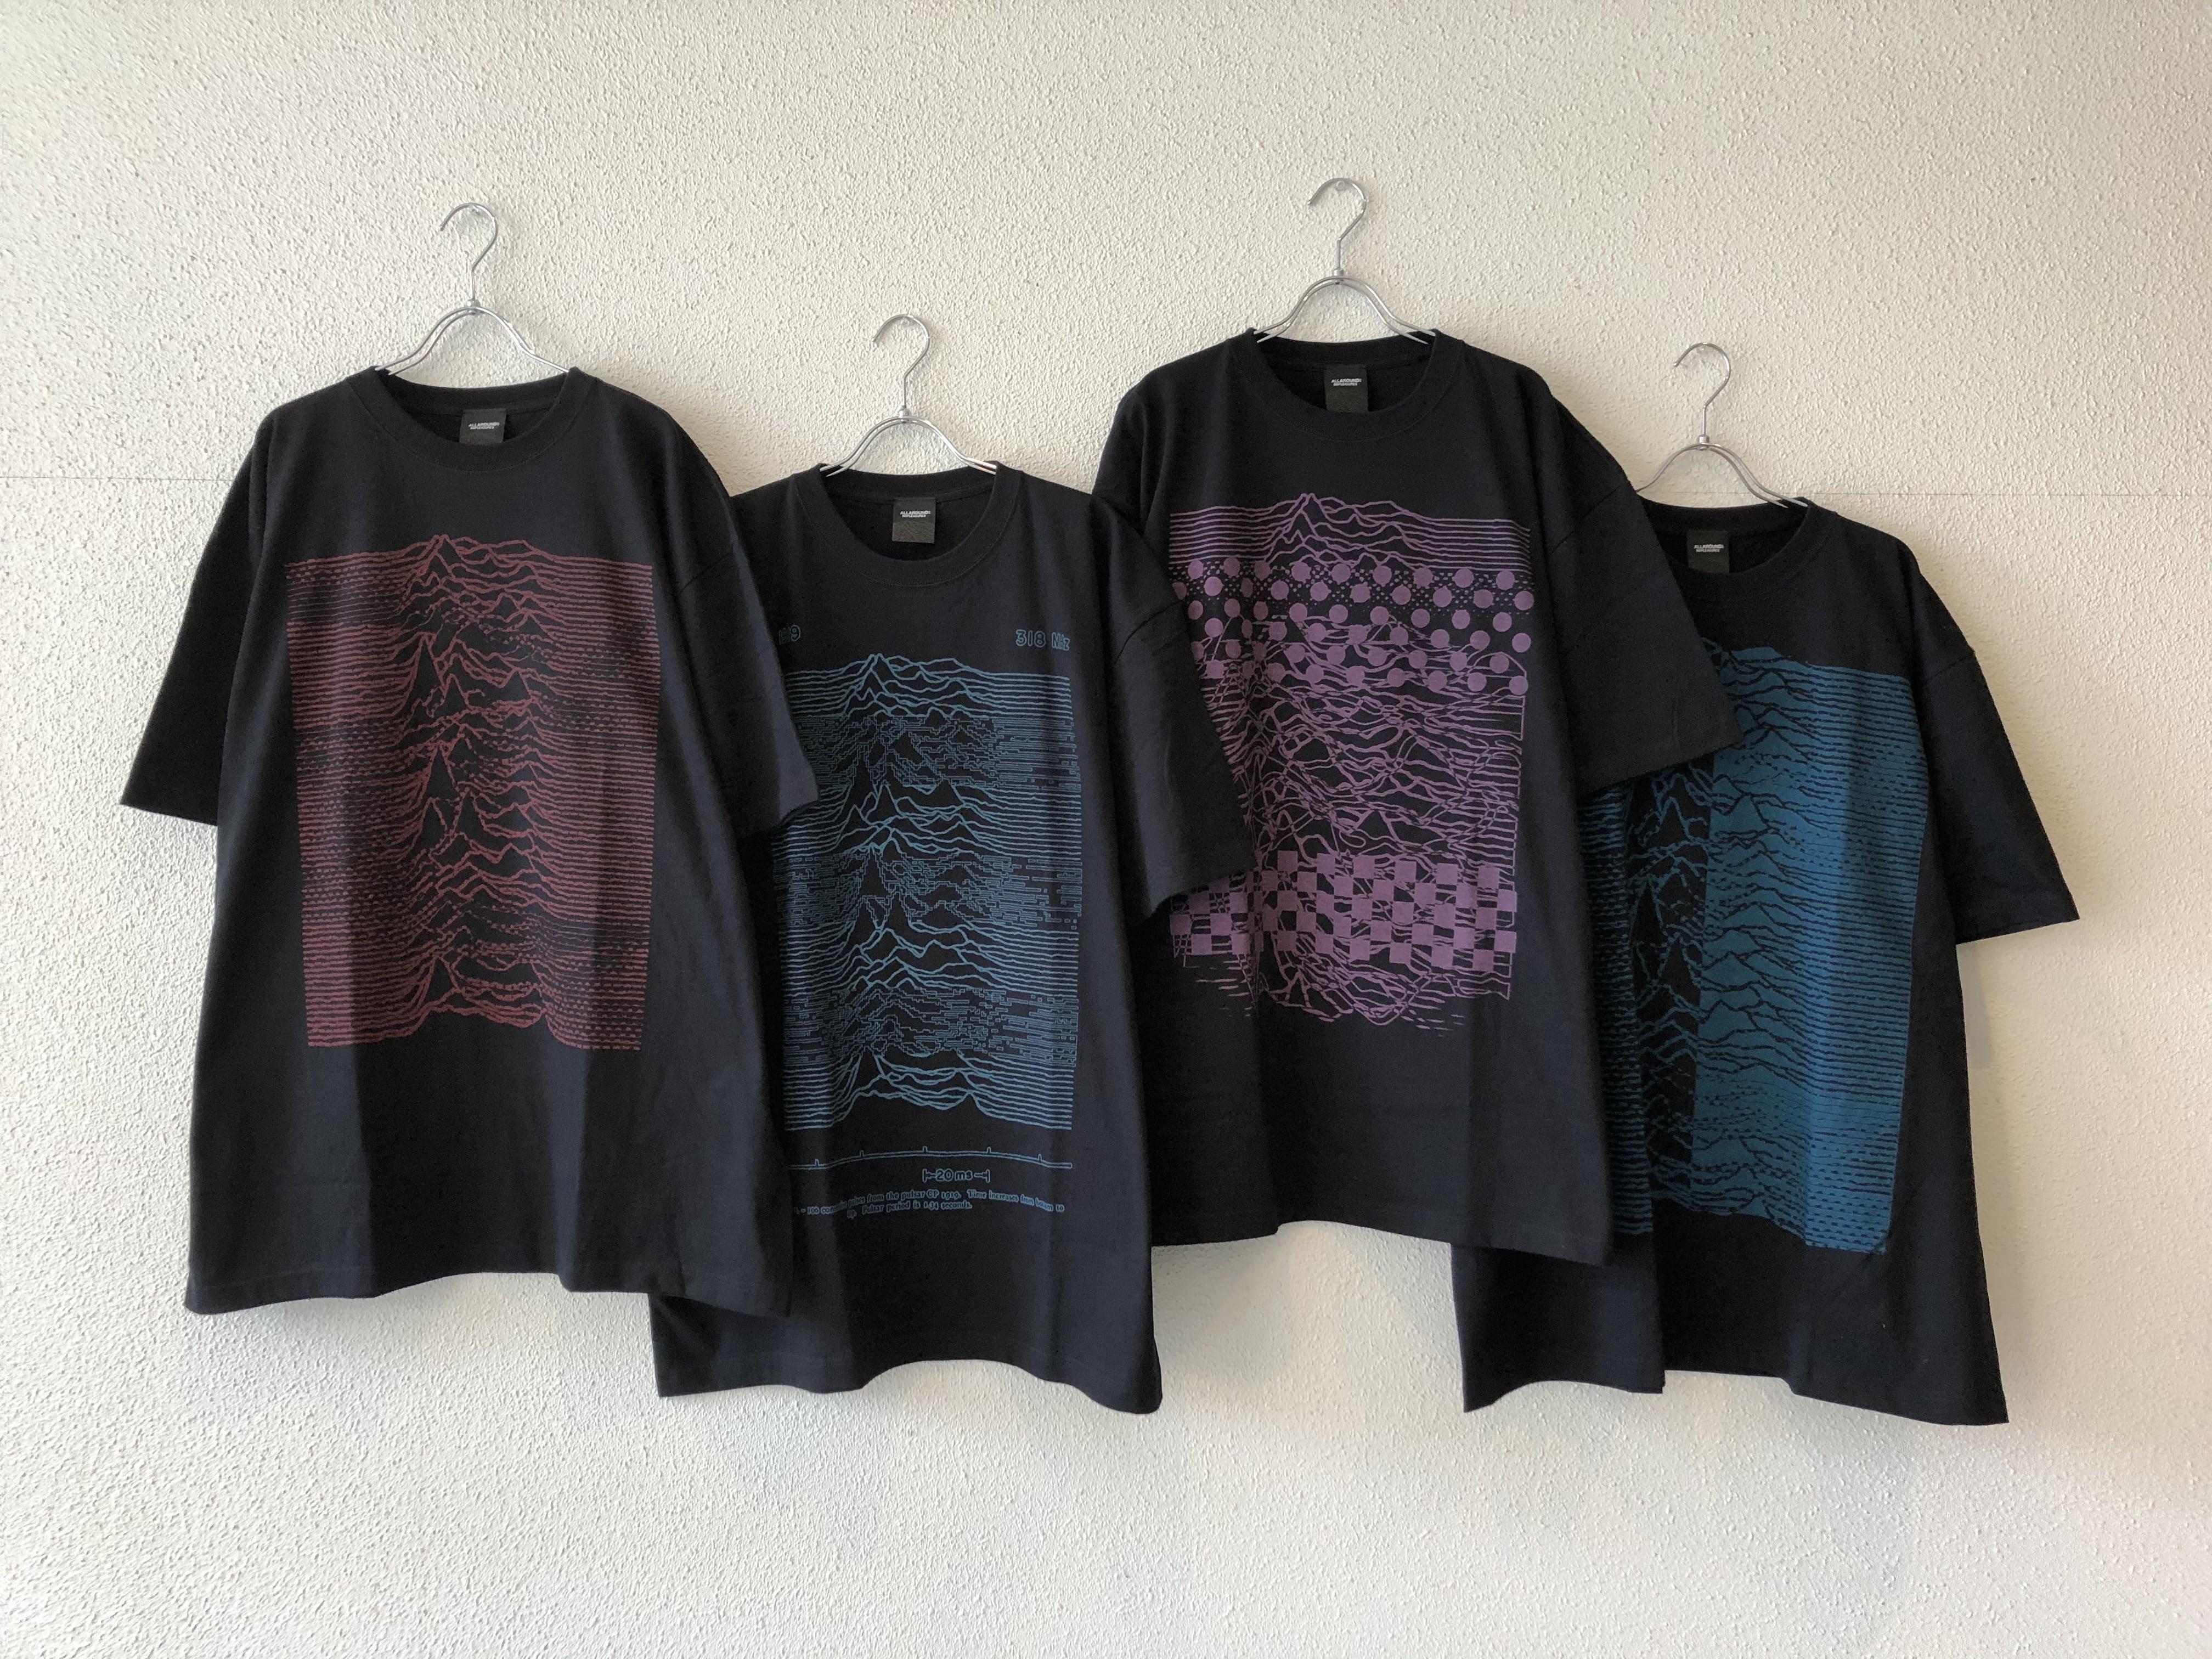 ゲリラ発売Tシャツ